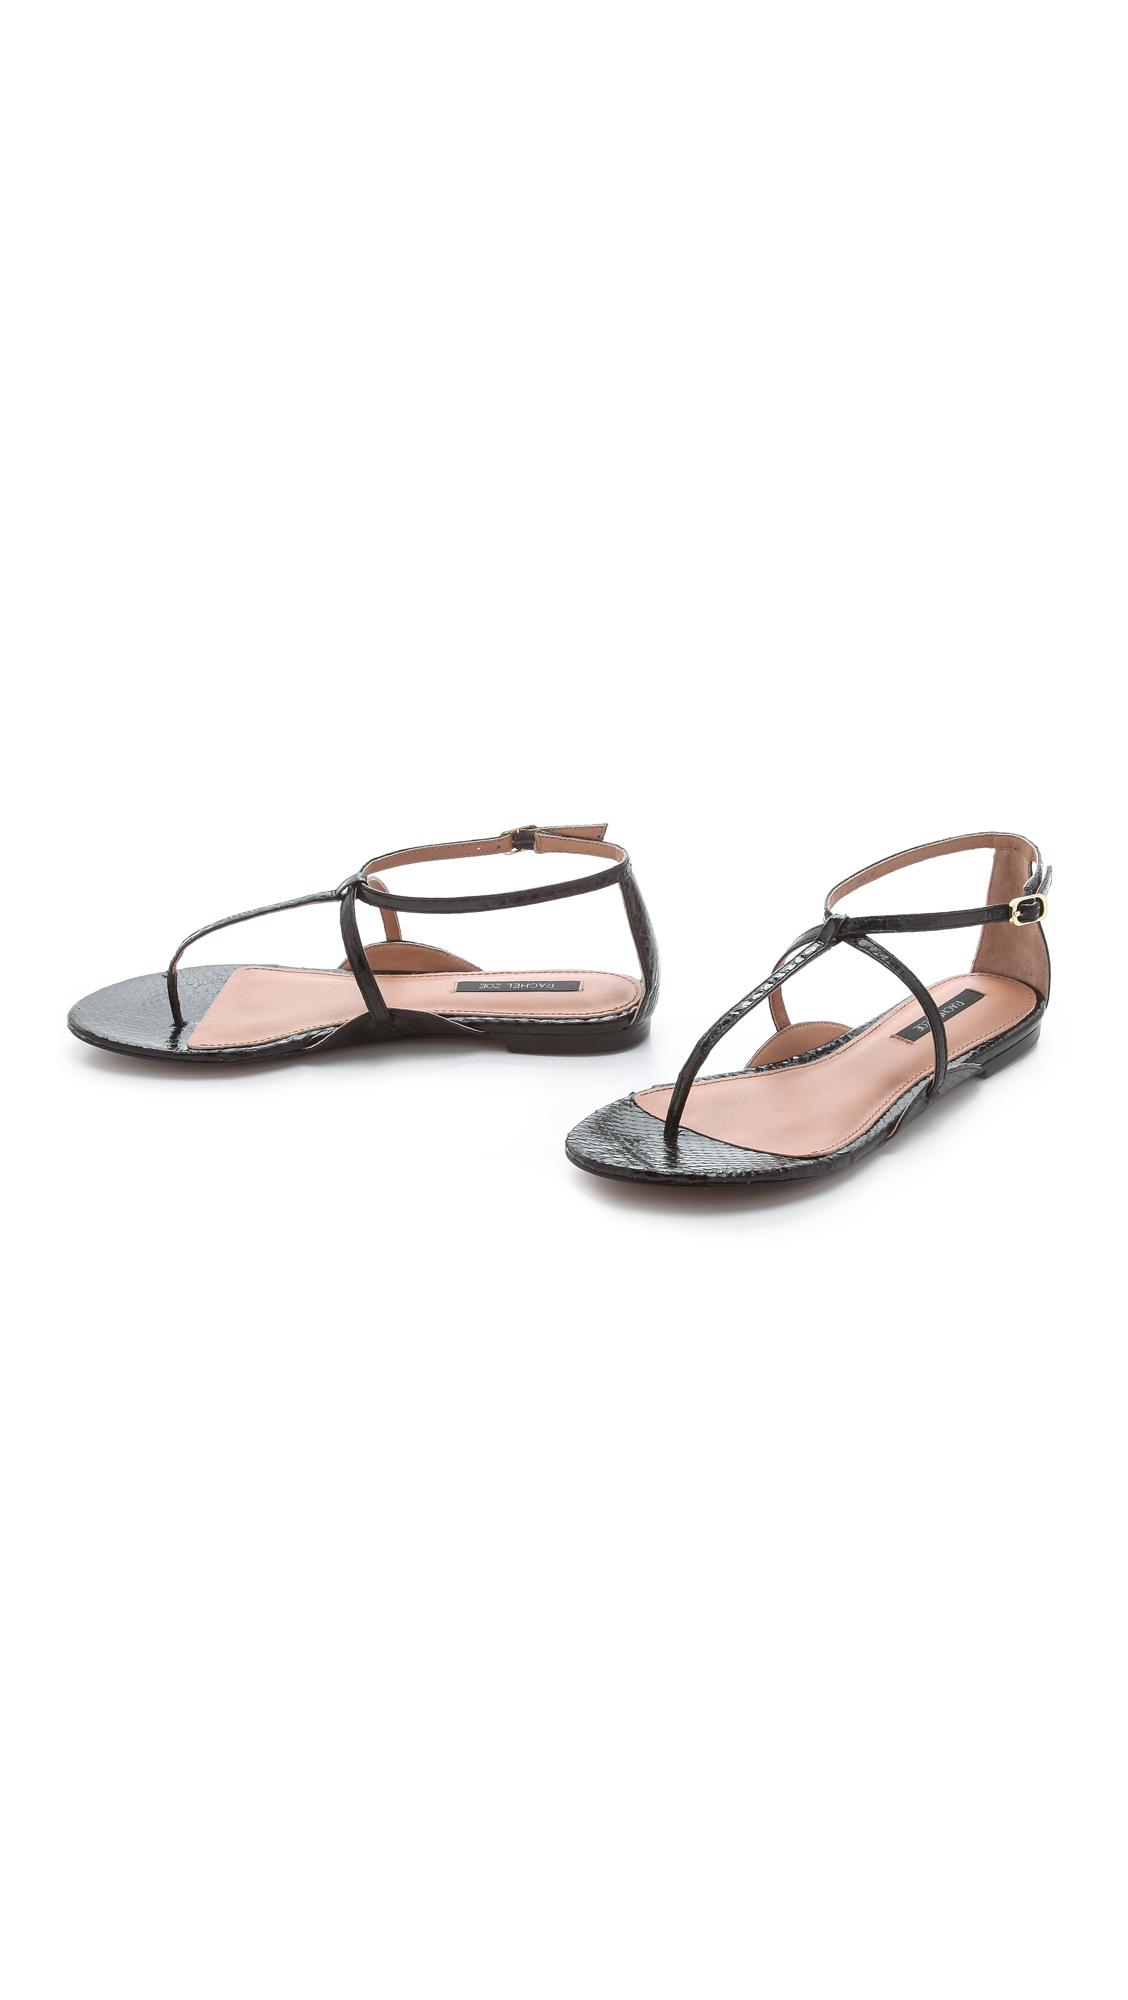 999449f7a Rachel Zoe Gwen Snakeskin Sandals